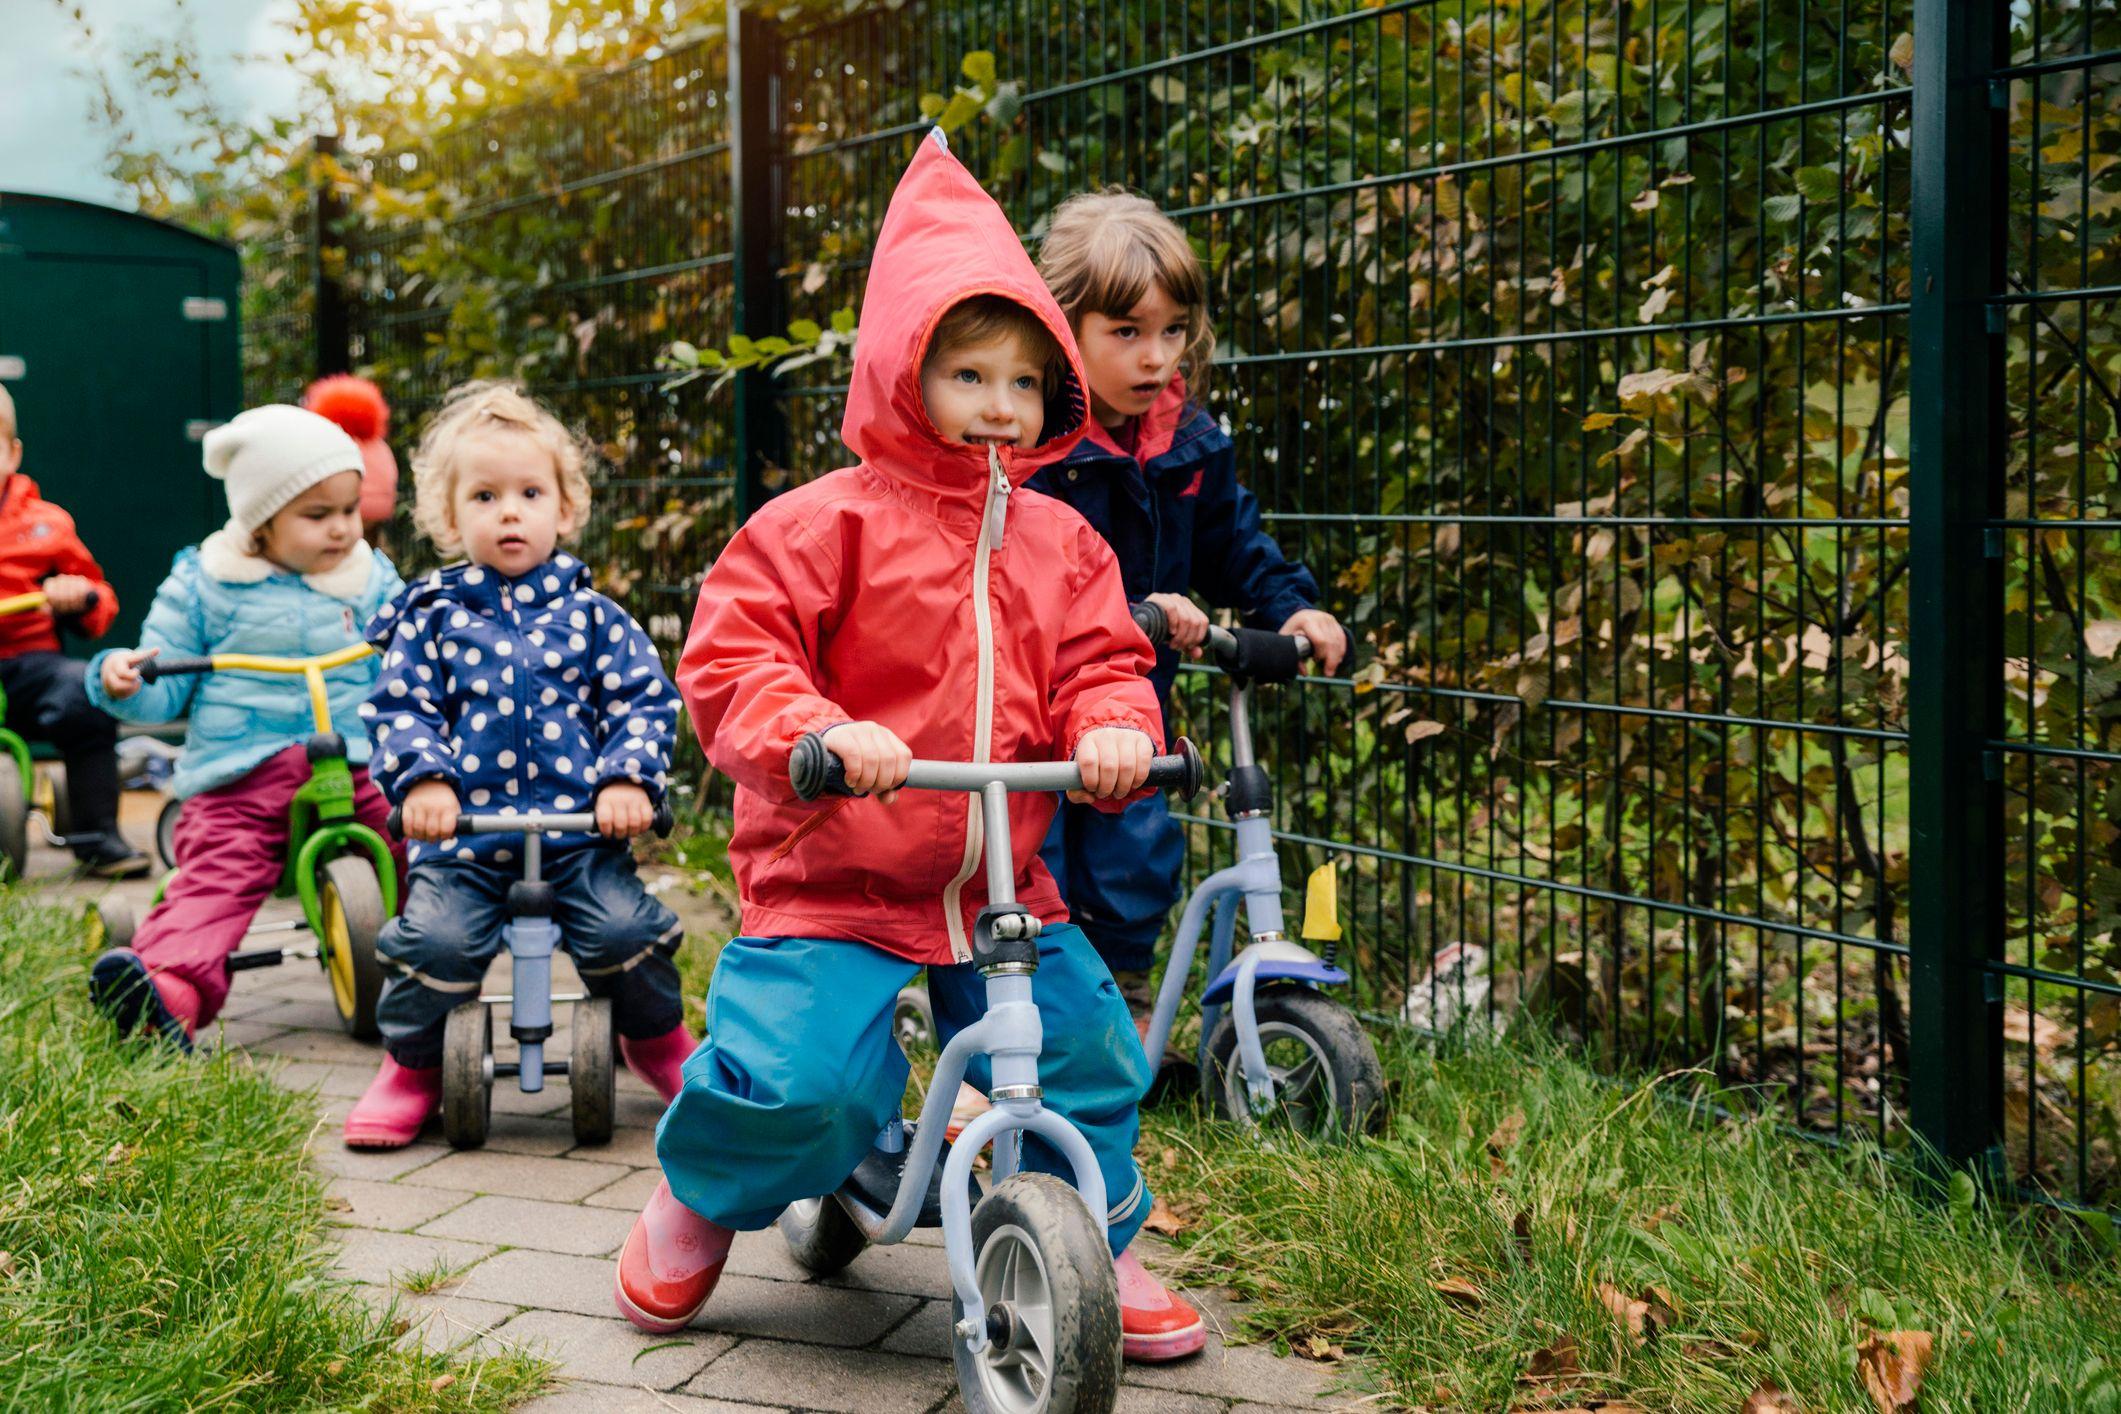 Реальная история: частный детский сад с минимальными вложениями